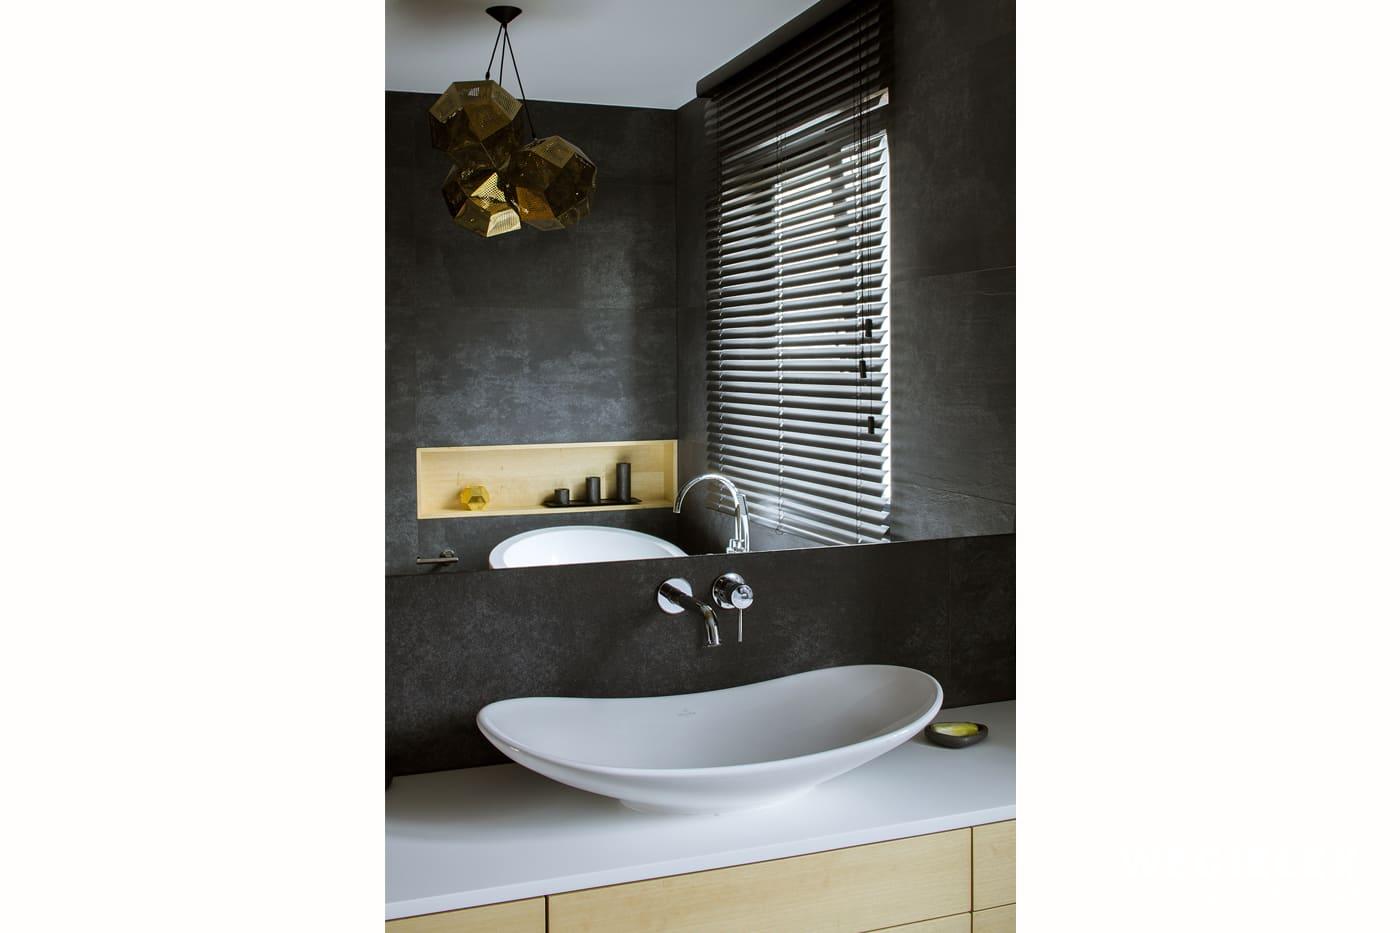 Zachwycający kształt białej umywalki wkomponowanej w drewnianą szafkę jest ciekawą koncepcją projektanta wnętrz mieszkań z Warszawy. Dodatki to lustro i lampa.